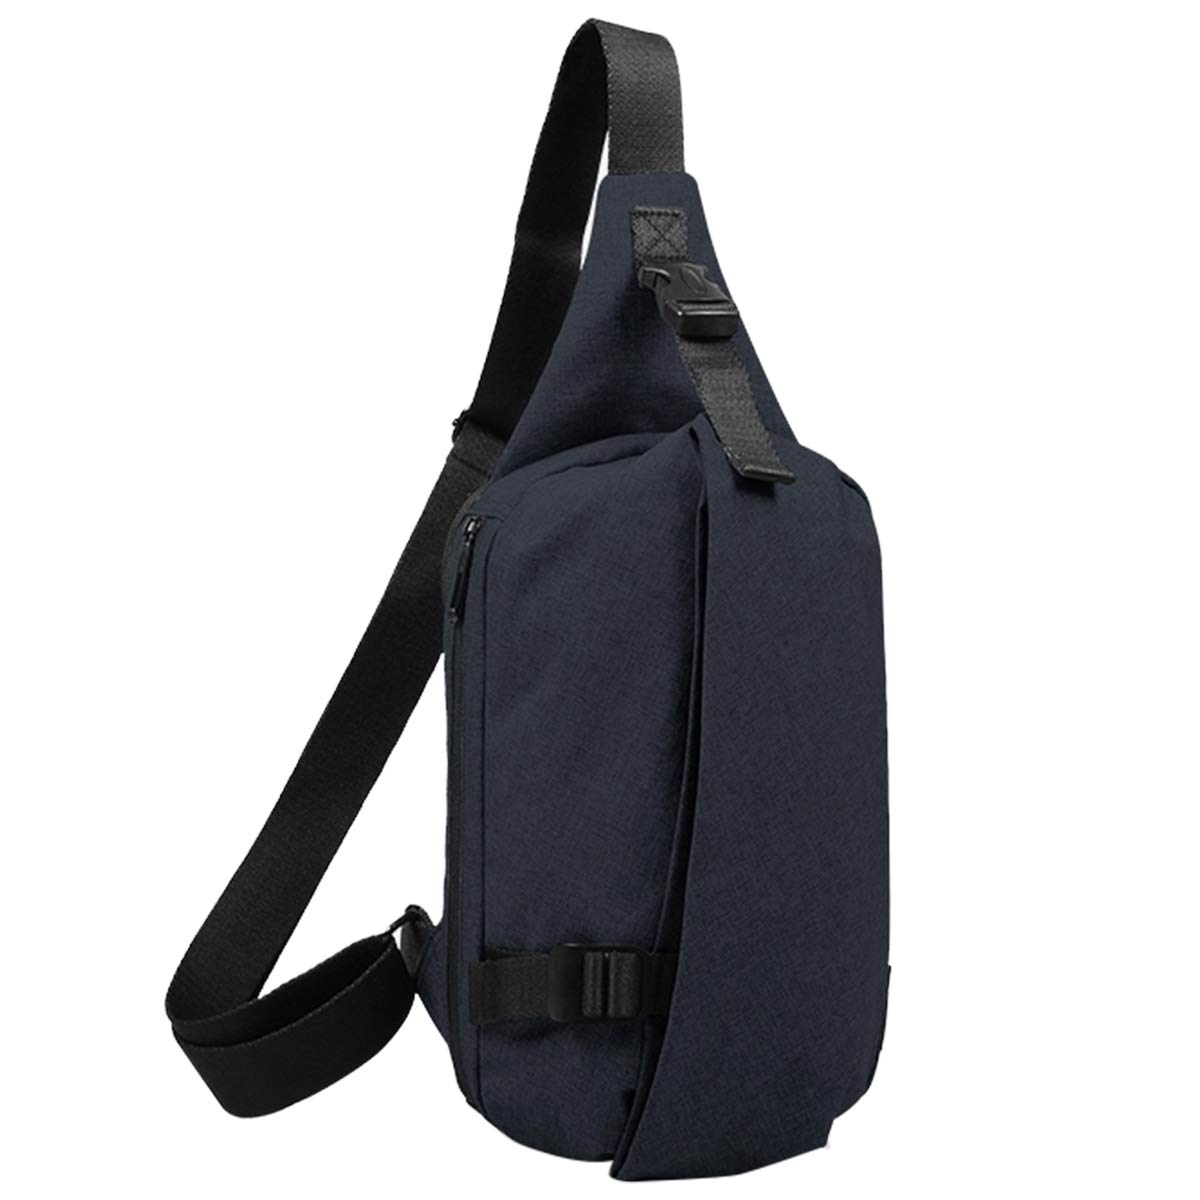 胸バッグ ボディバッグ メンズ 斜め掛け 撥水 ショルダーバッグ(dark blue)